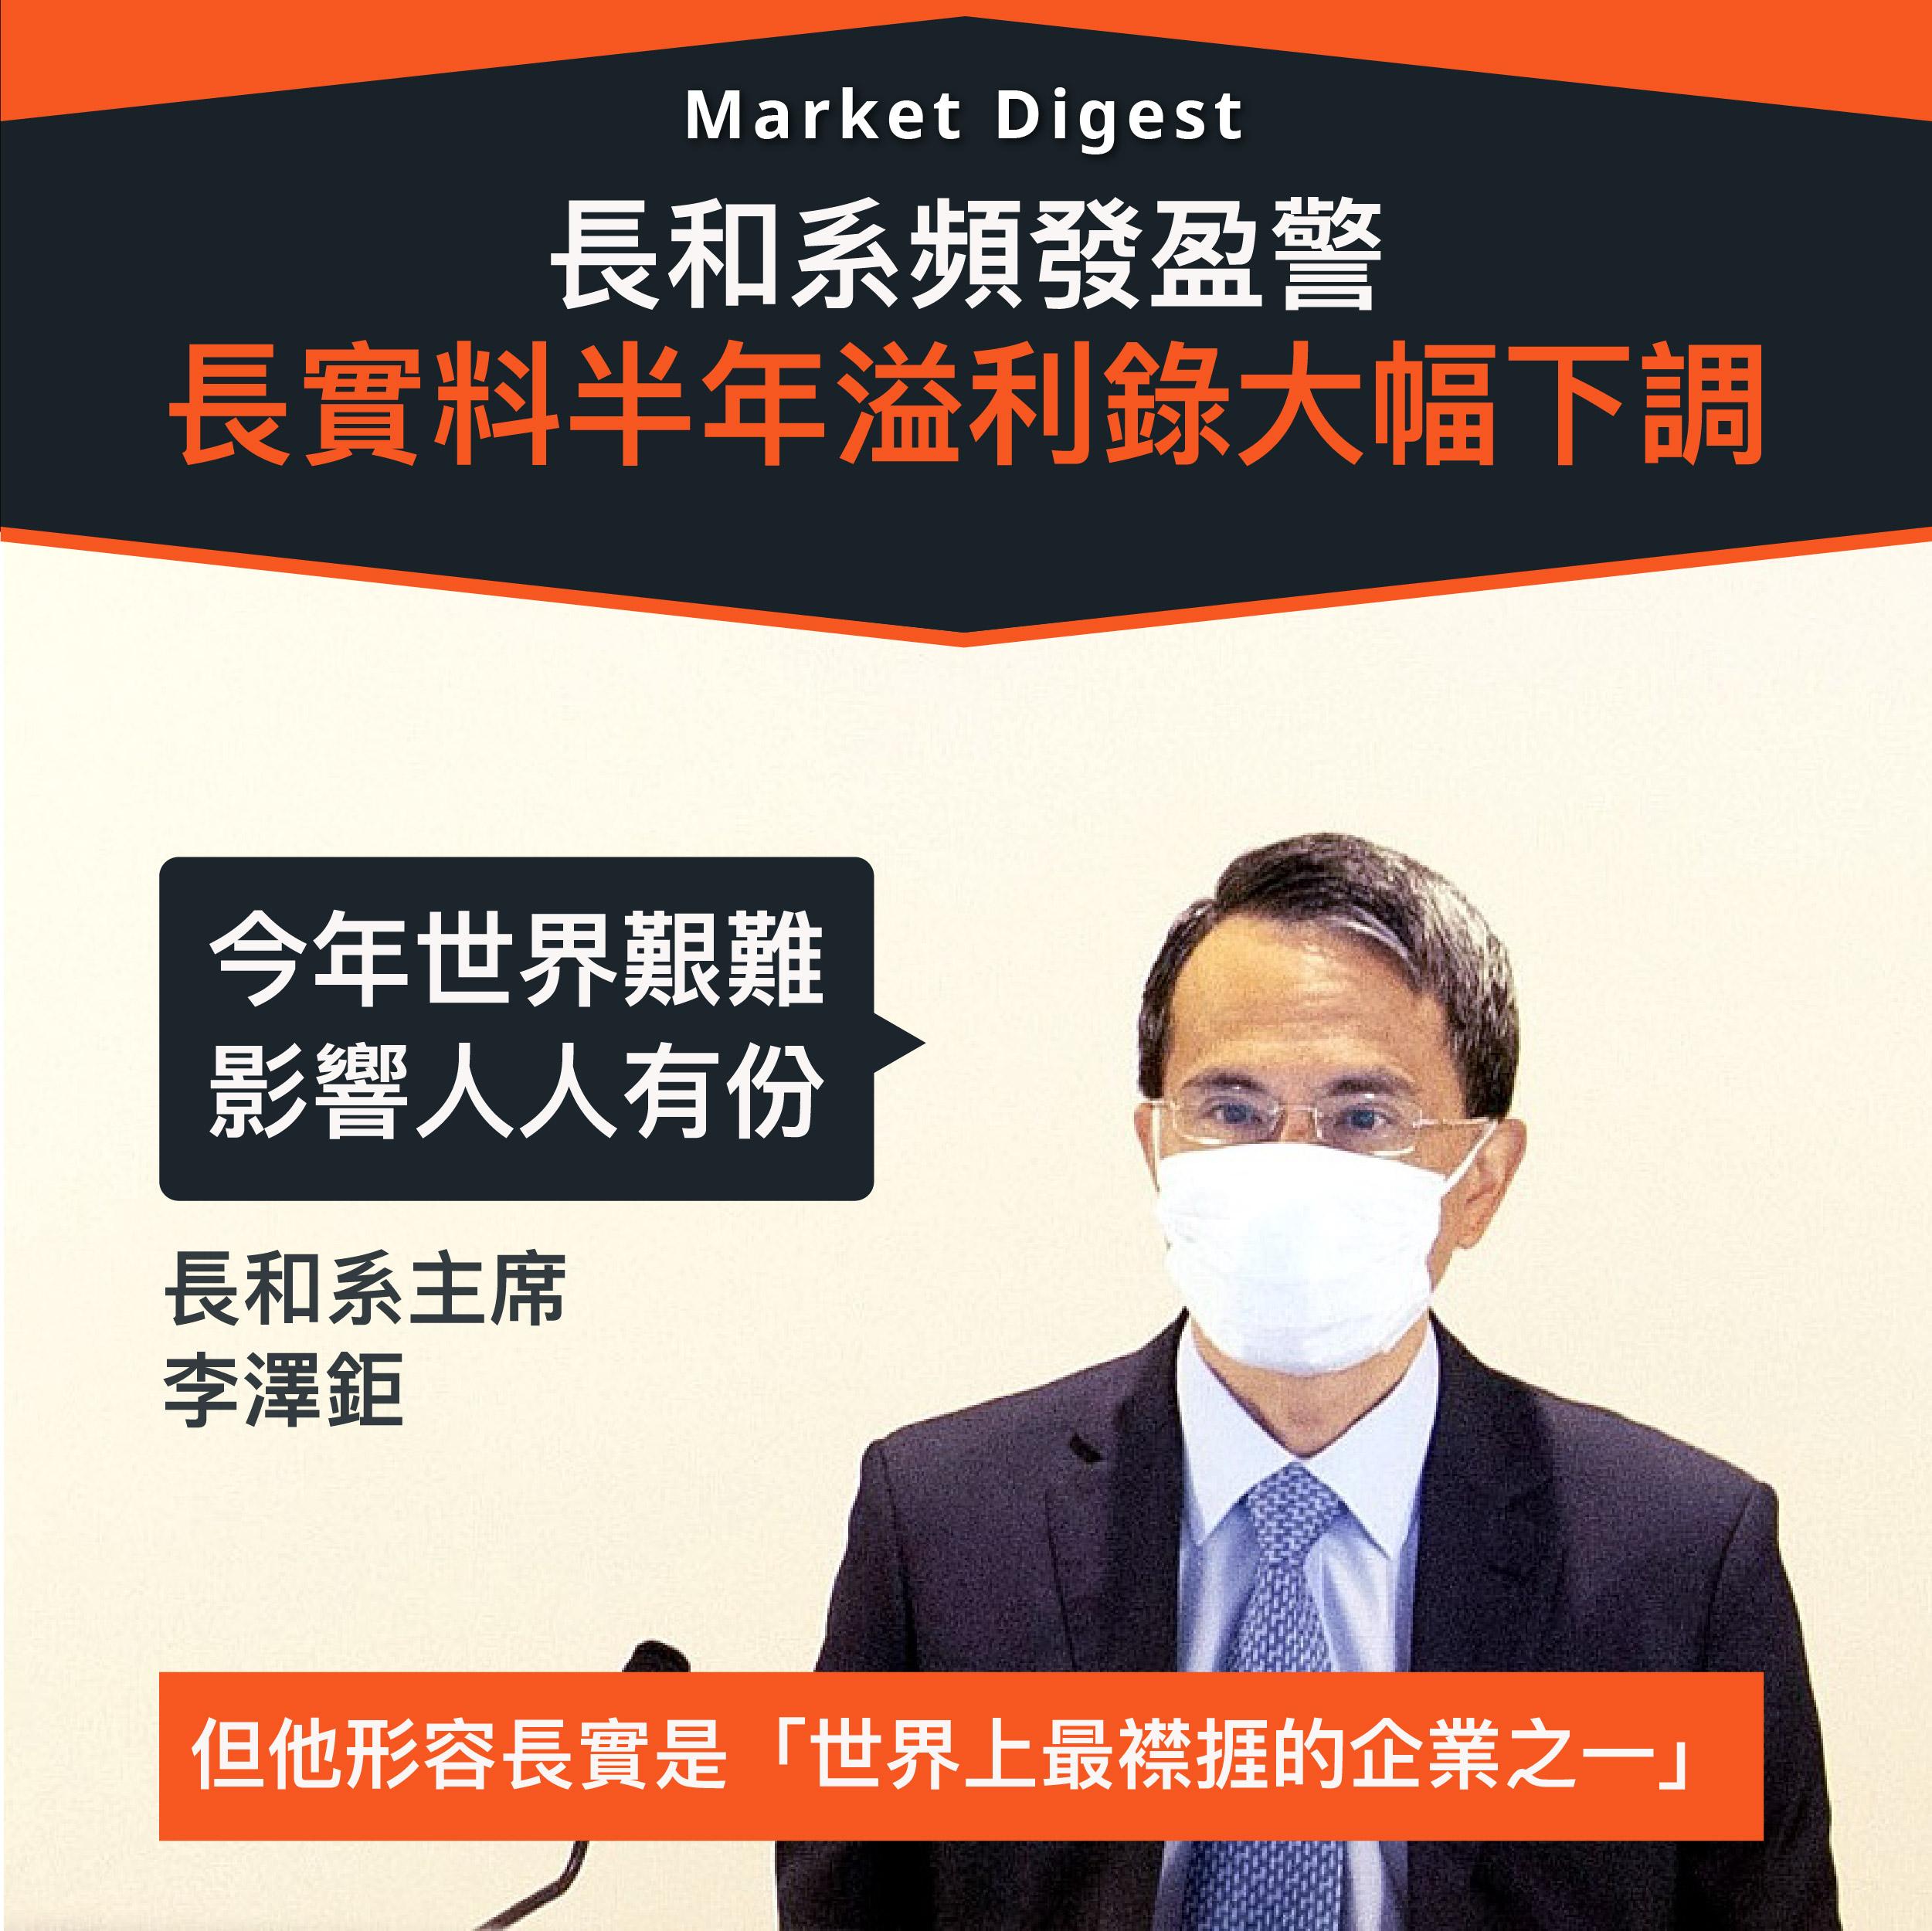 【市場熱話】長和系頻發盈警,李澤鉅:今年世界艱難,影響人人有份